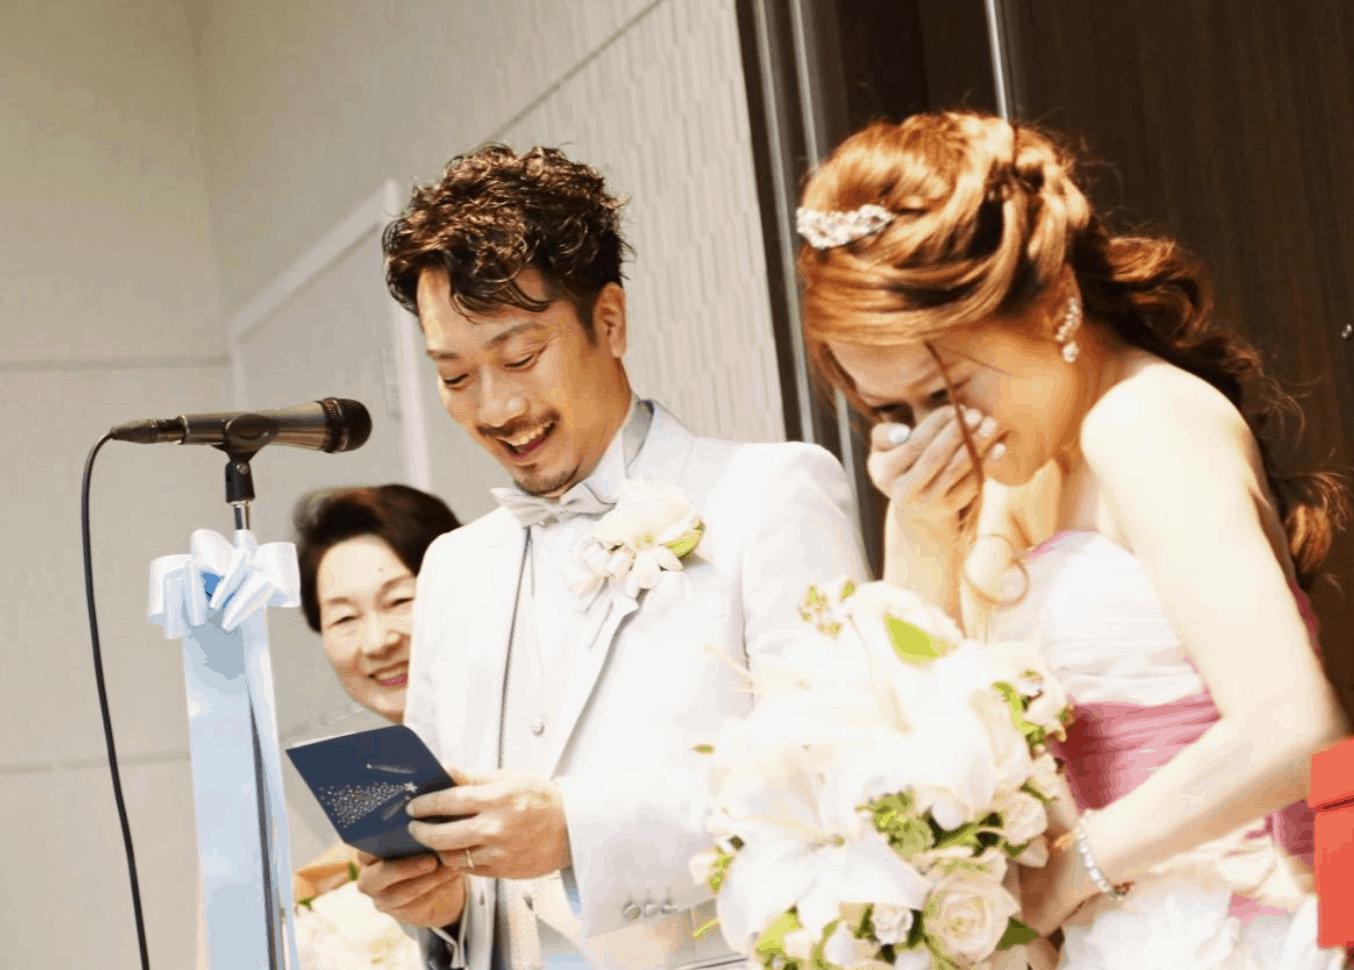 【新郎謝辞】すぐ使える例文実例&結婚式を締めくくる基本の書き方マナーのカバー写真